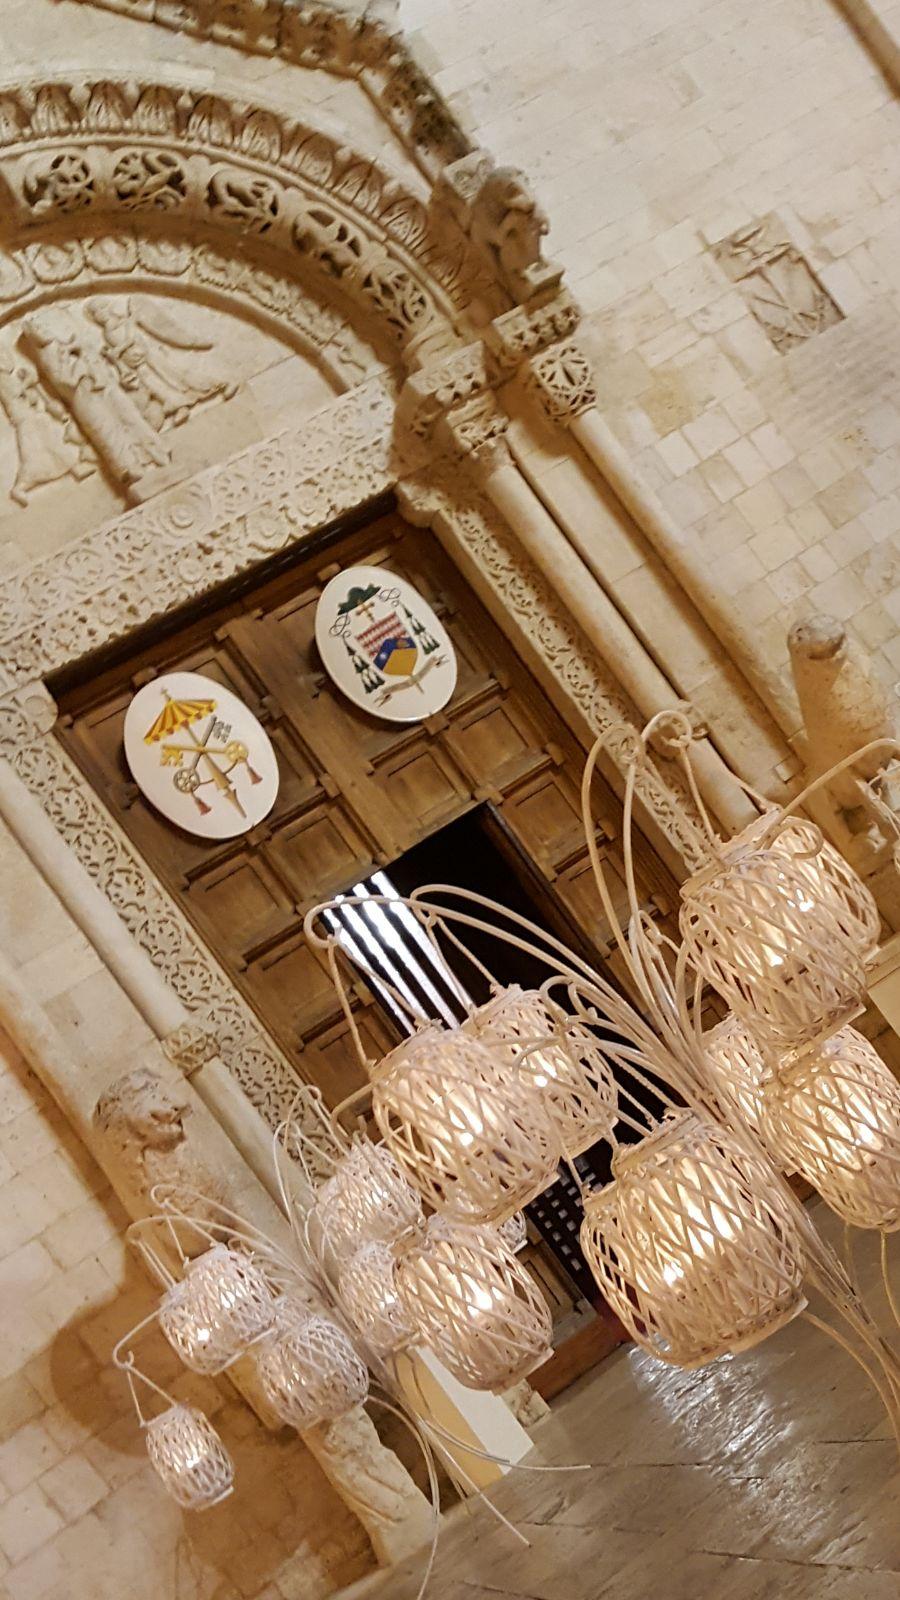 chiesa allestita all'esterno con lanterne